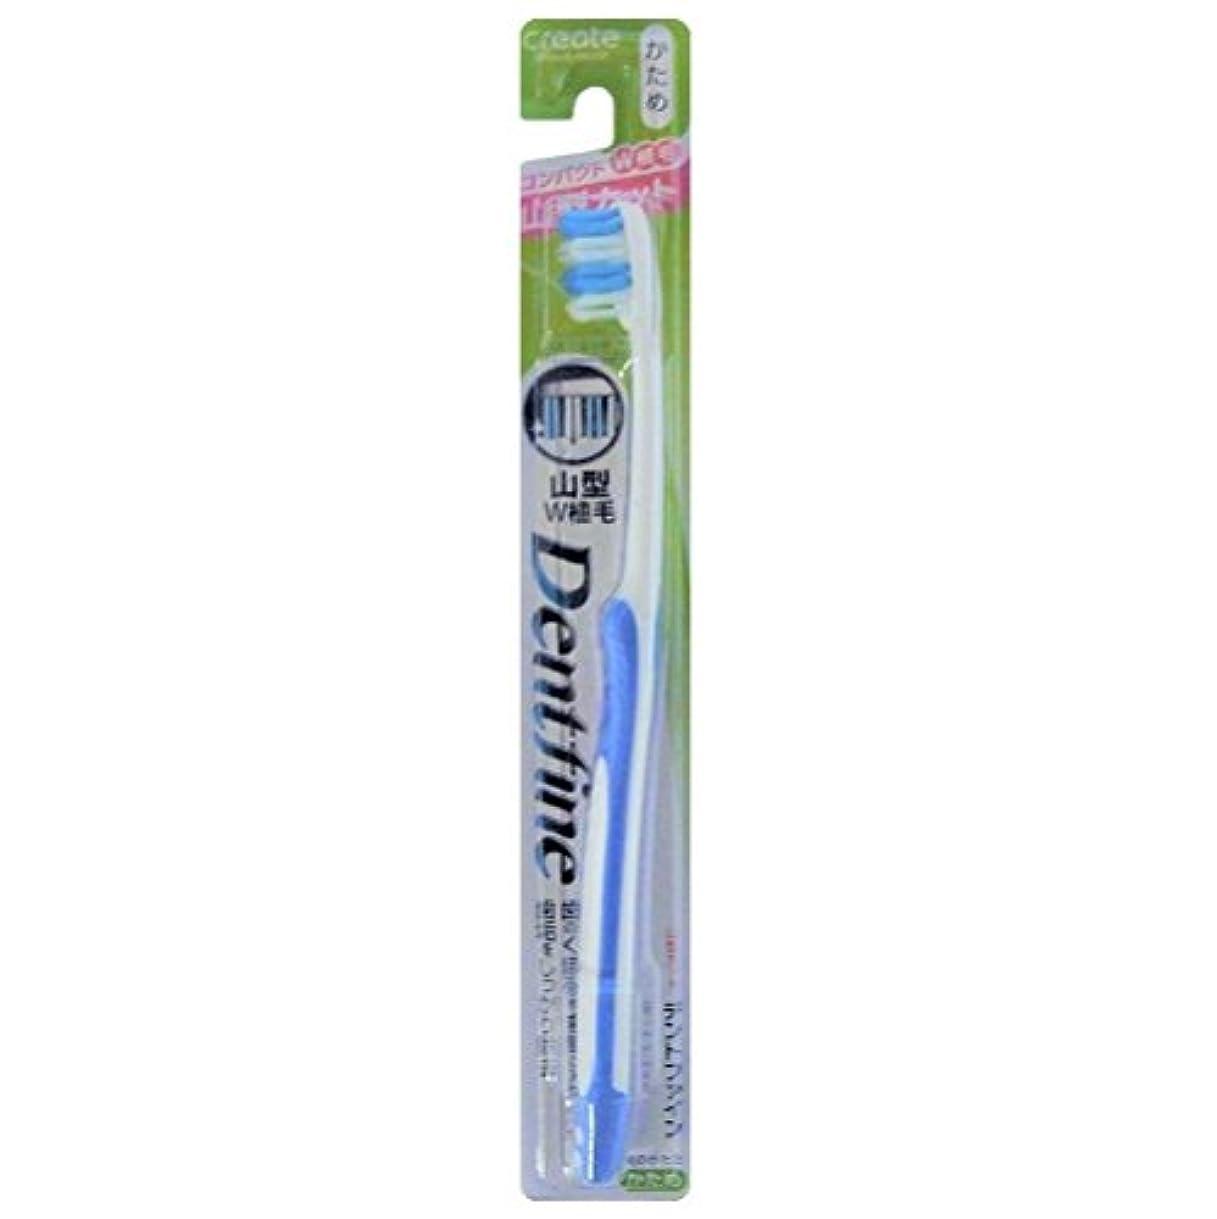 パイ句読点処理デントファイン ラバーグリップ 山切りカット 歯ブラシ かため 1本:ブルー